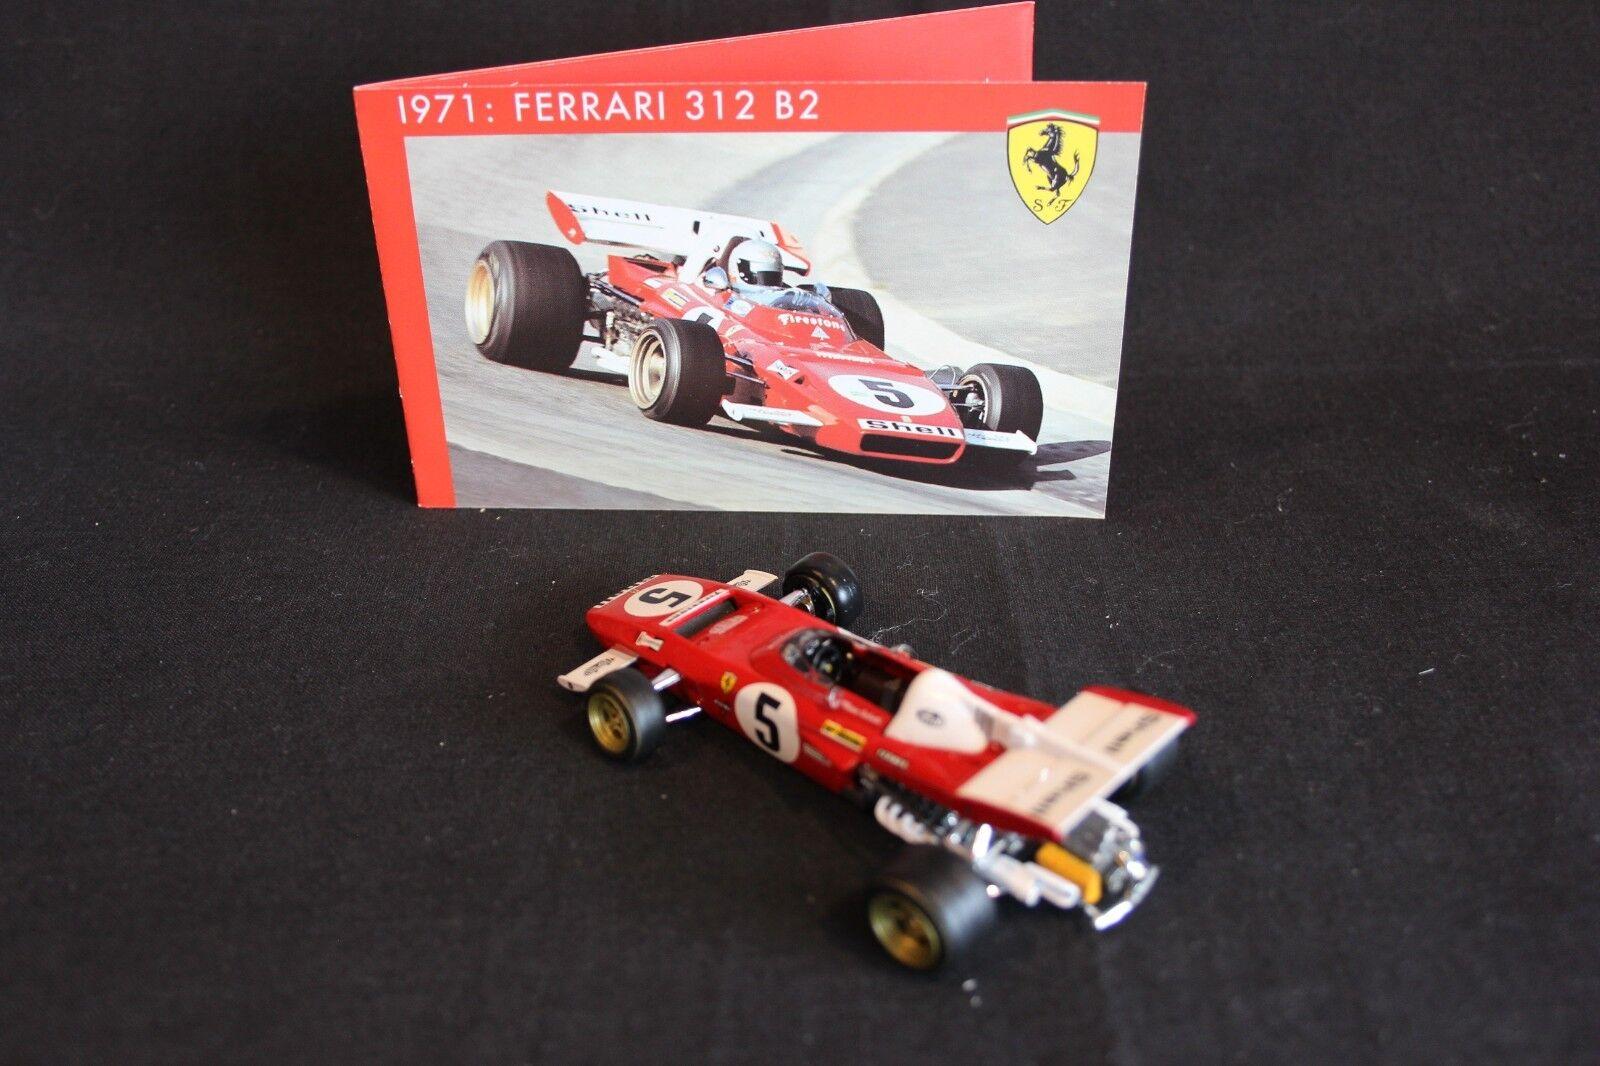 IXO     Hot Wheels Ferrari 312 B2 1971 1 43 Mario Andretti (USA) in special box 8a0565